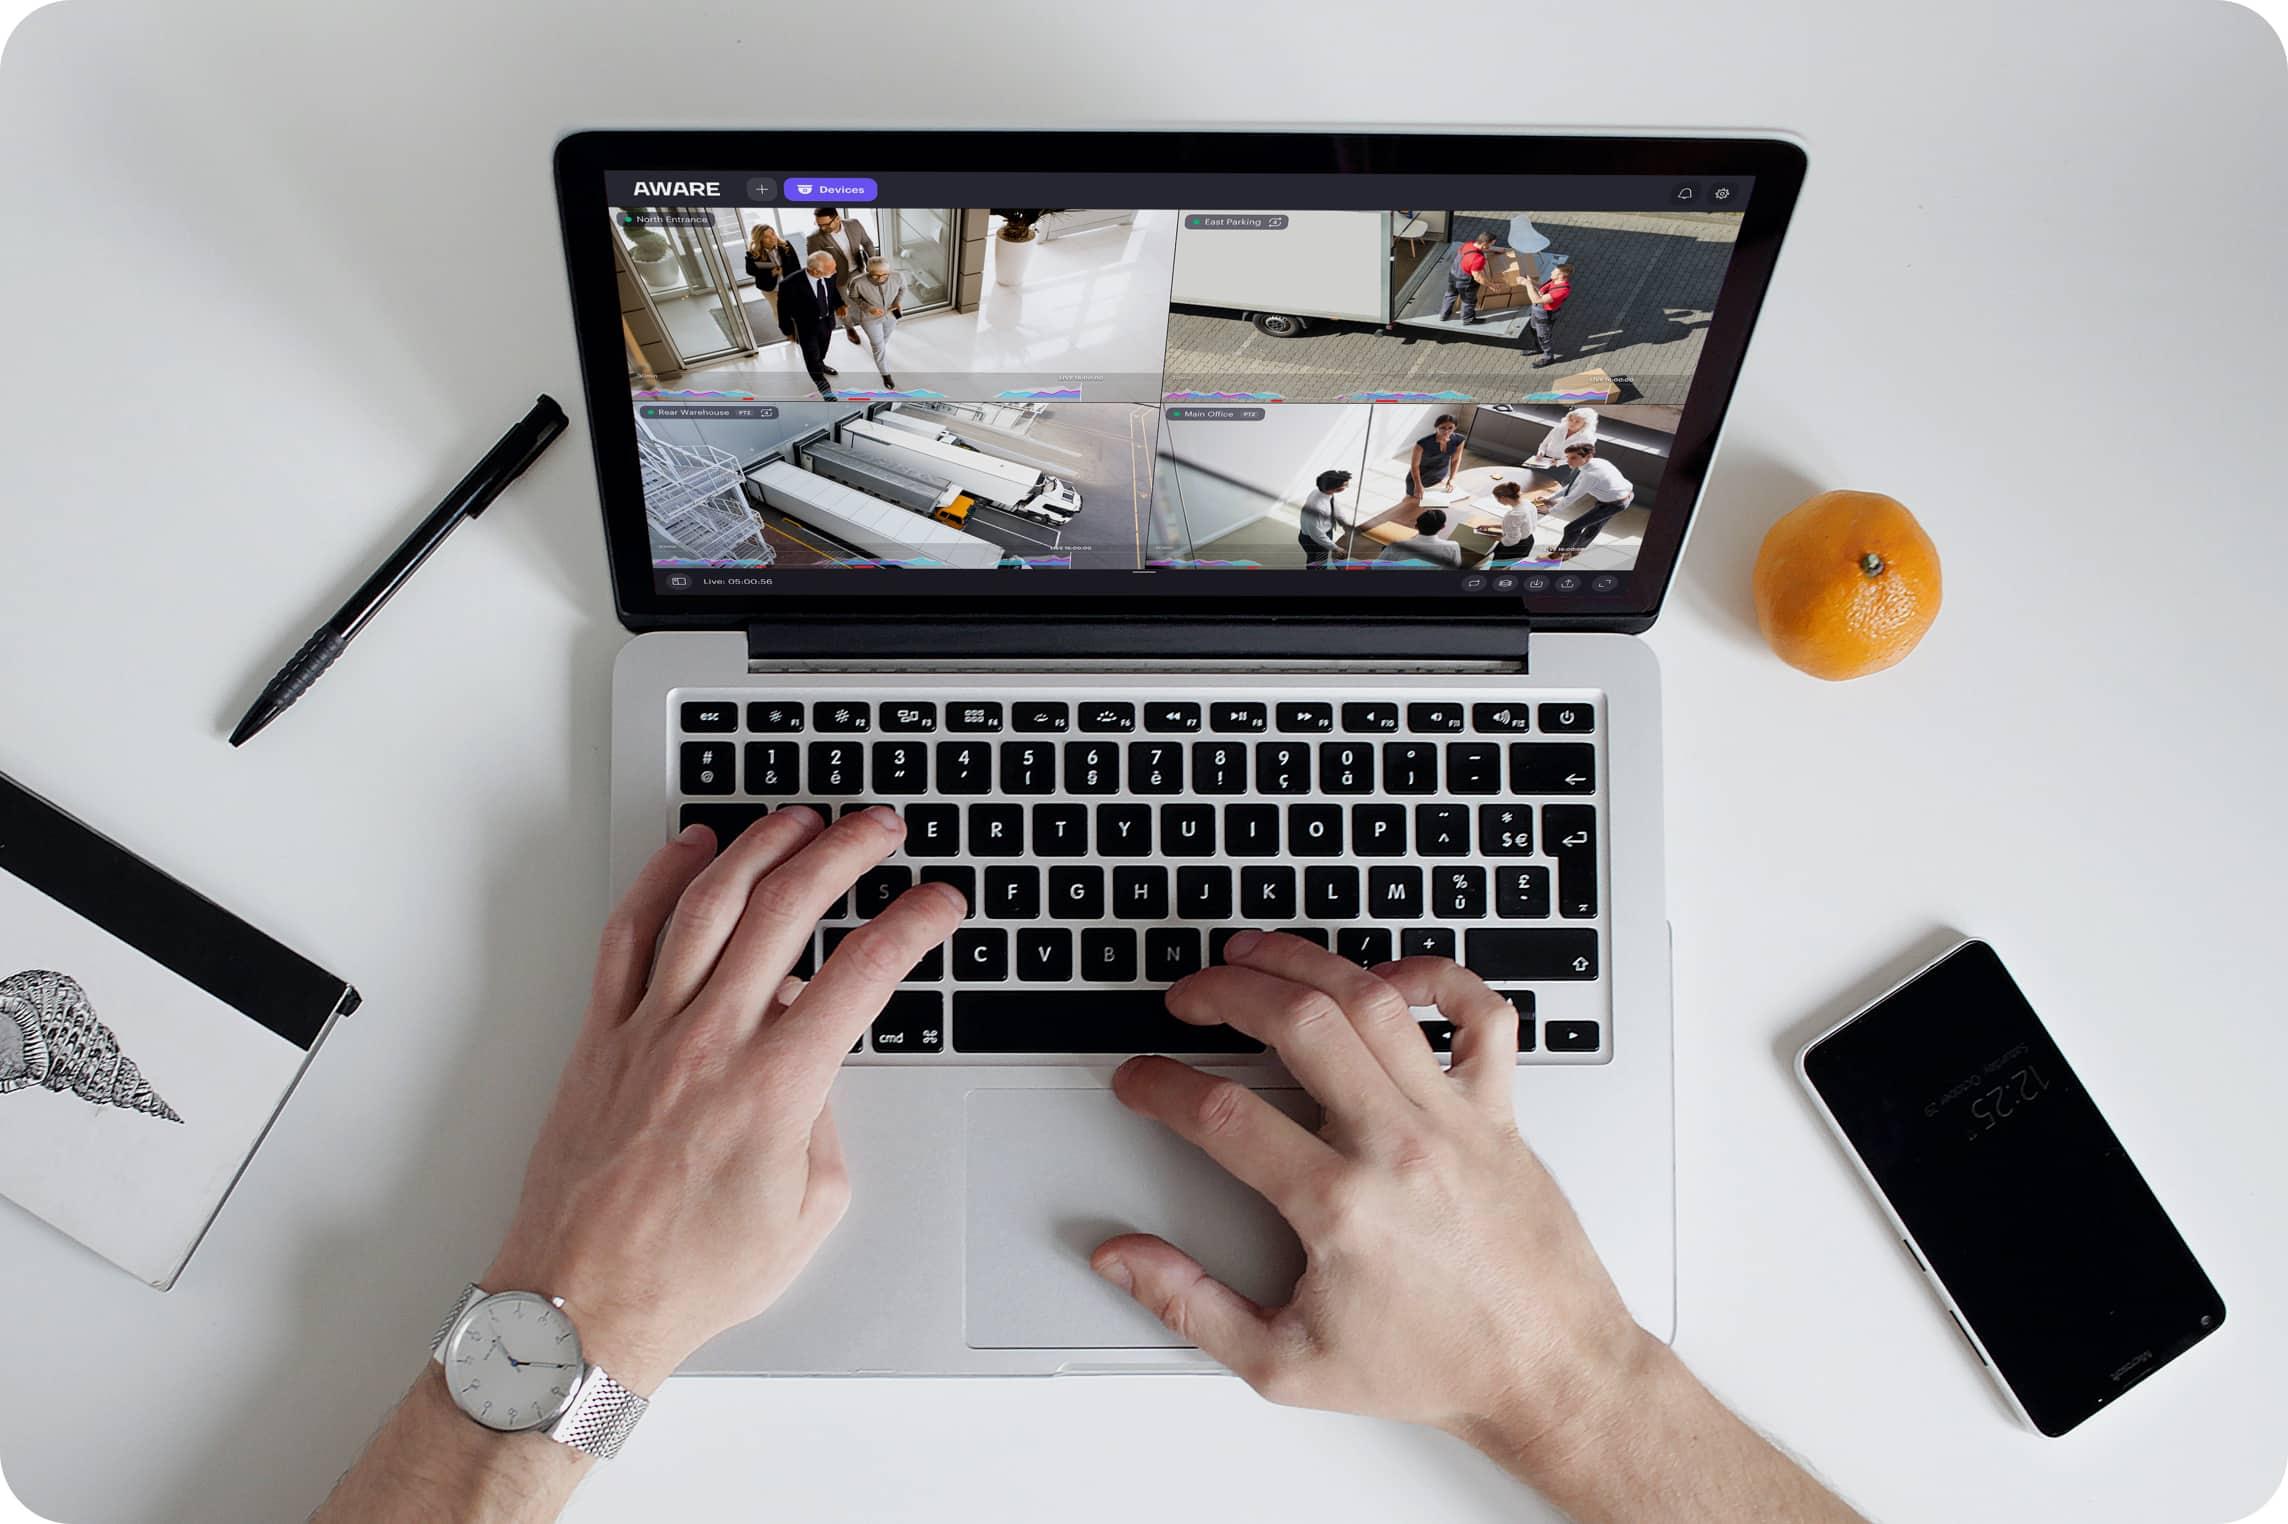 Aware laptop